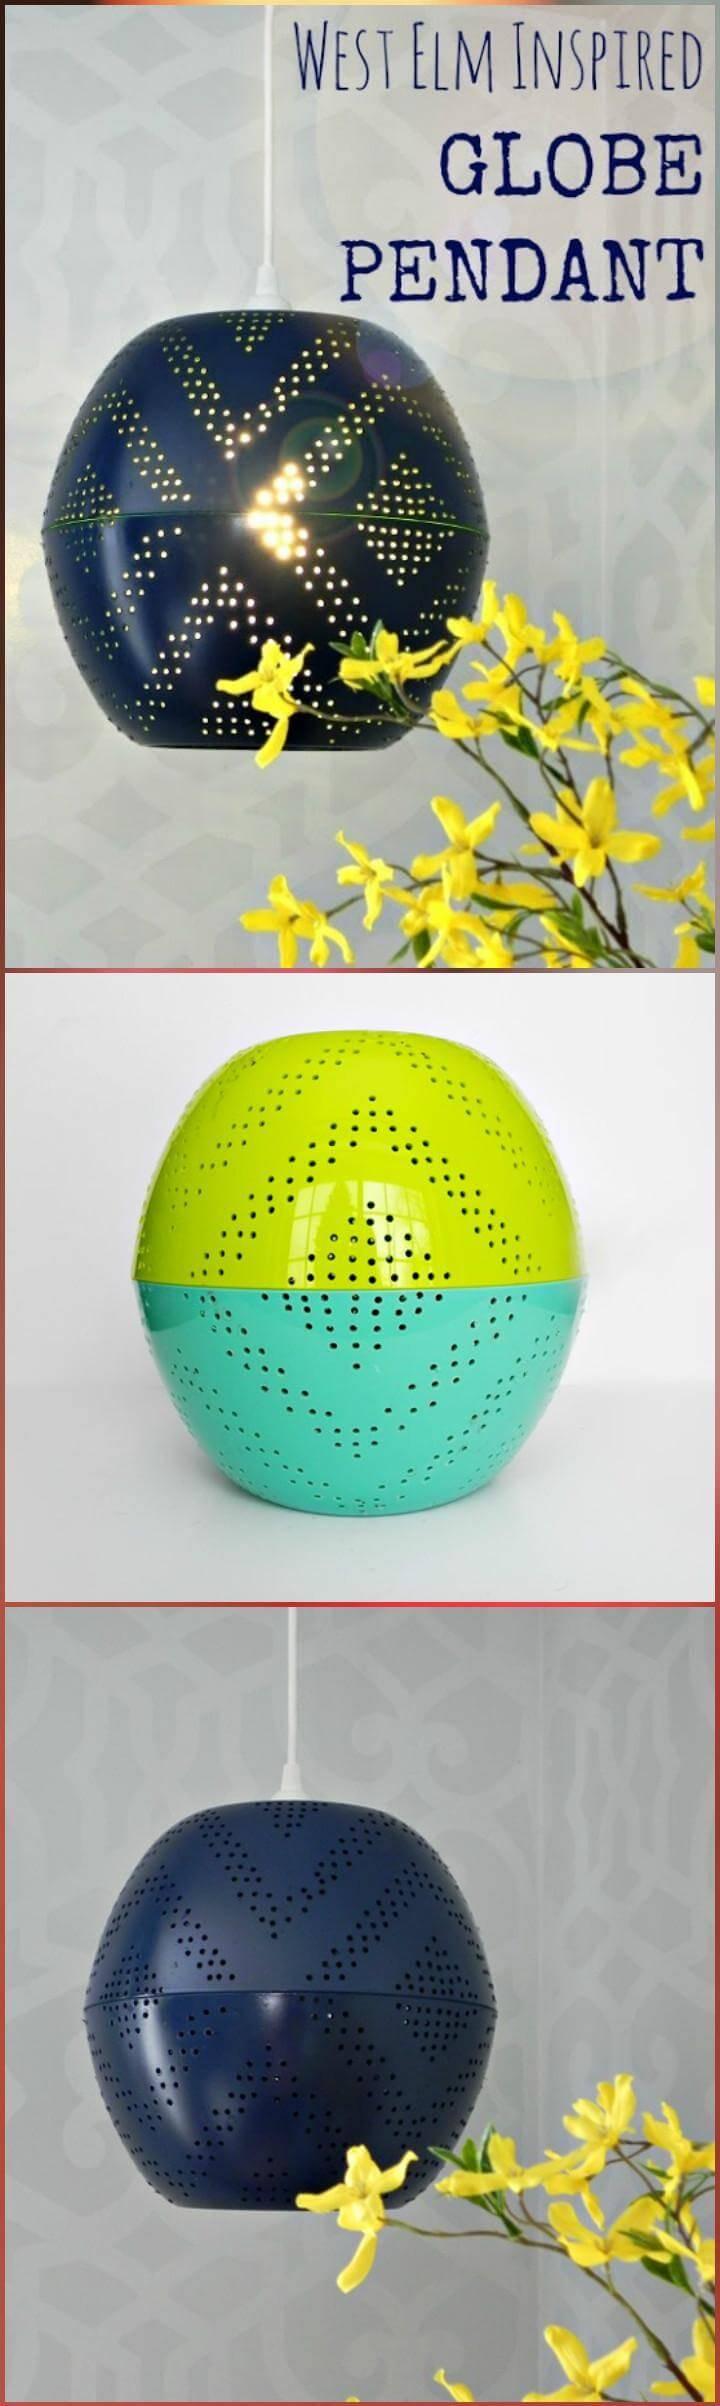 handmade West Elm inspired globe pendant